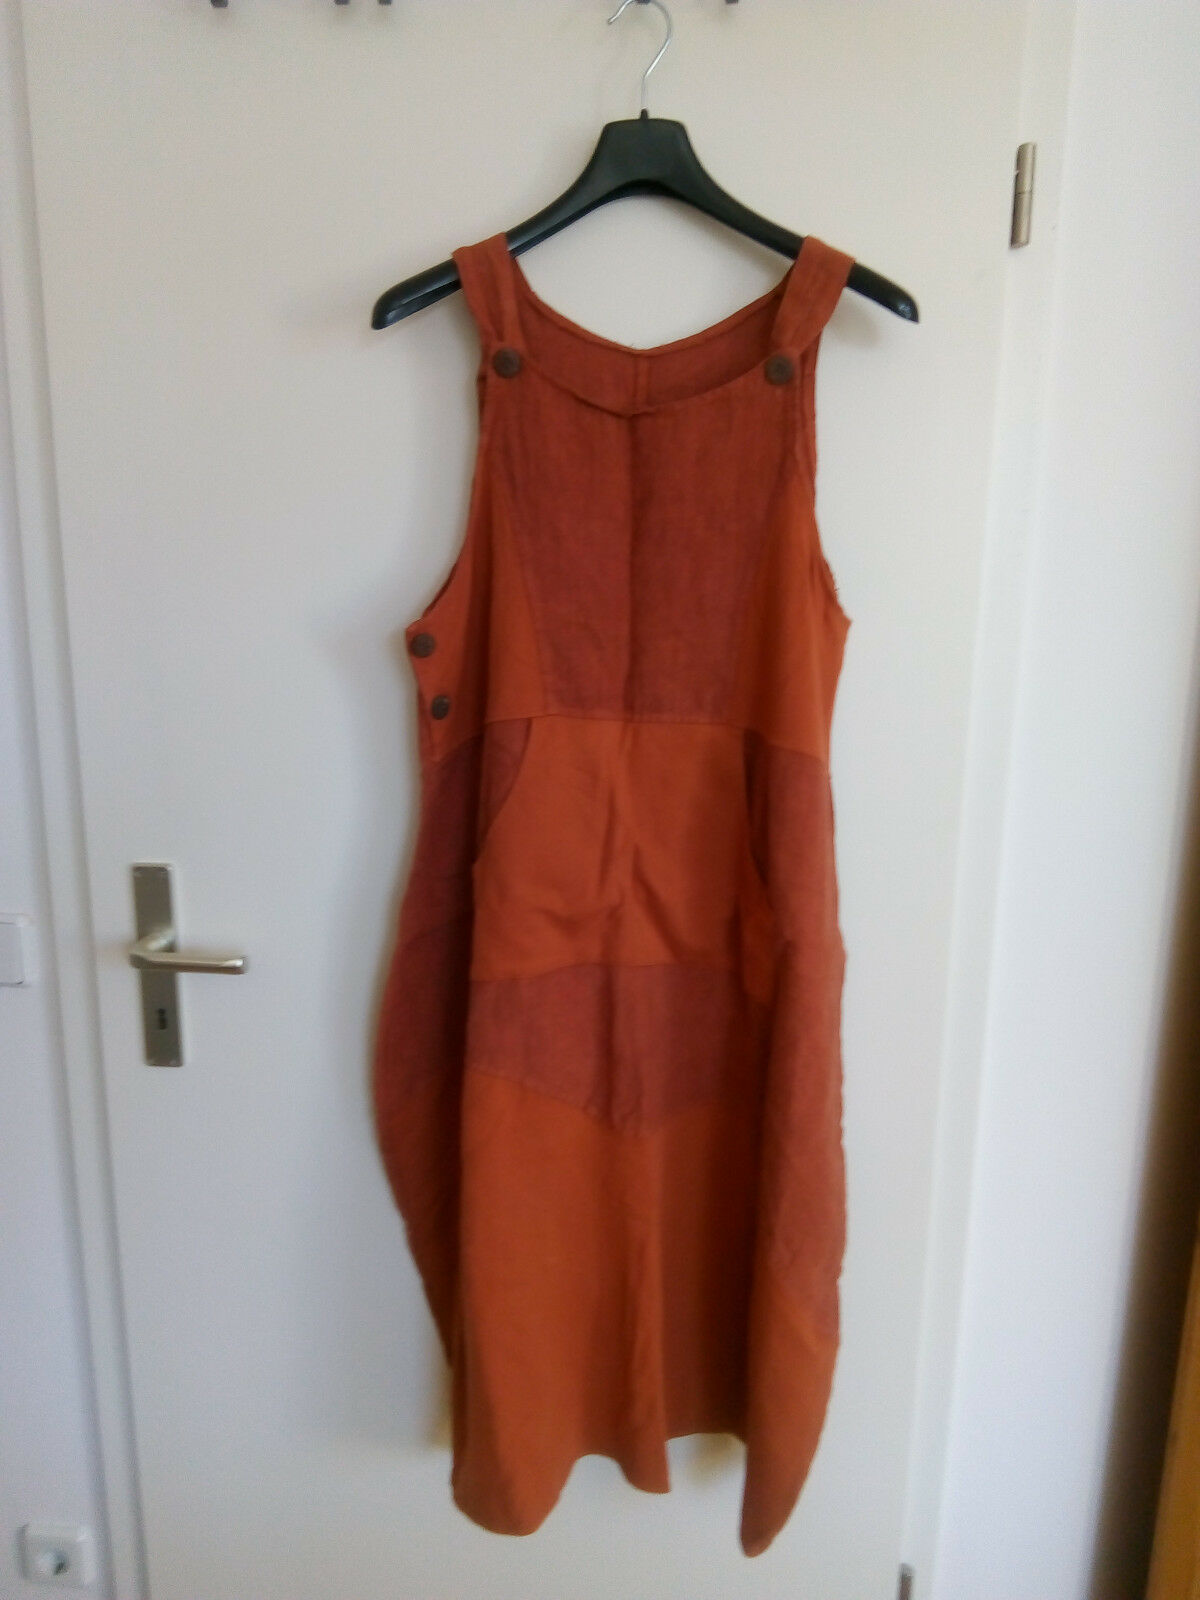 Tolles Kleid aus Leinen und Baumwolle terracotta Lagenlook passt ca. bis Gr.44